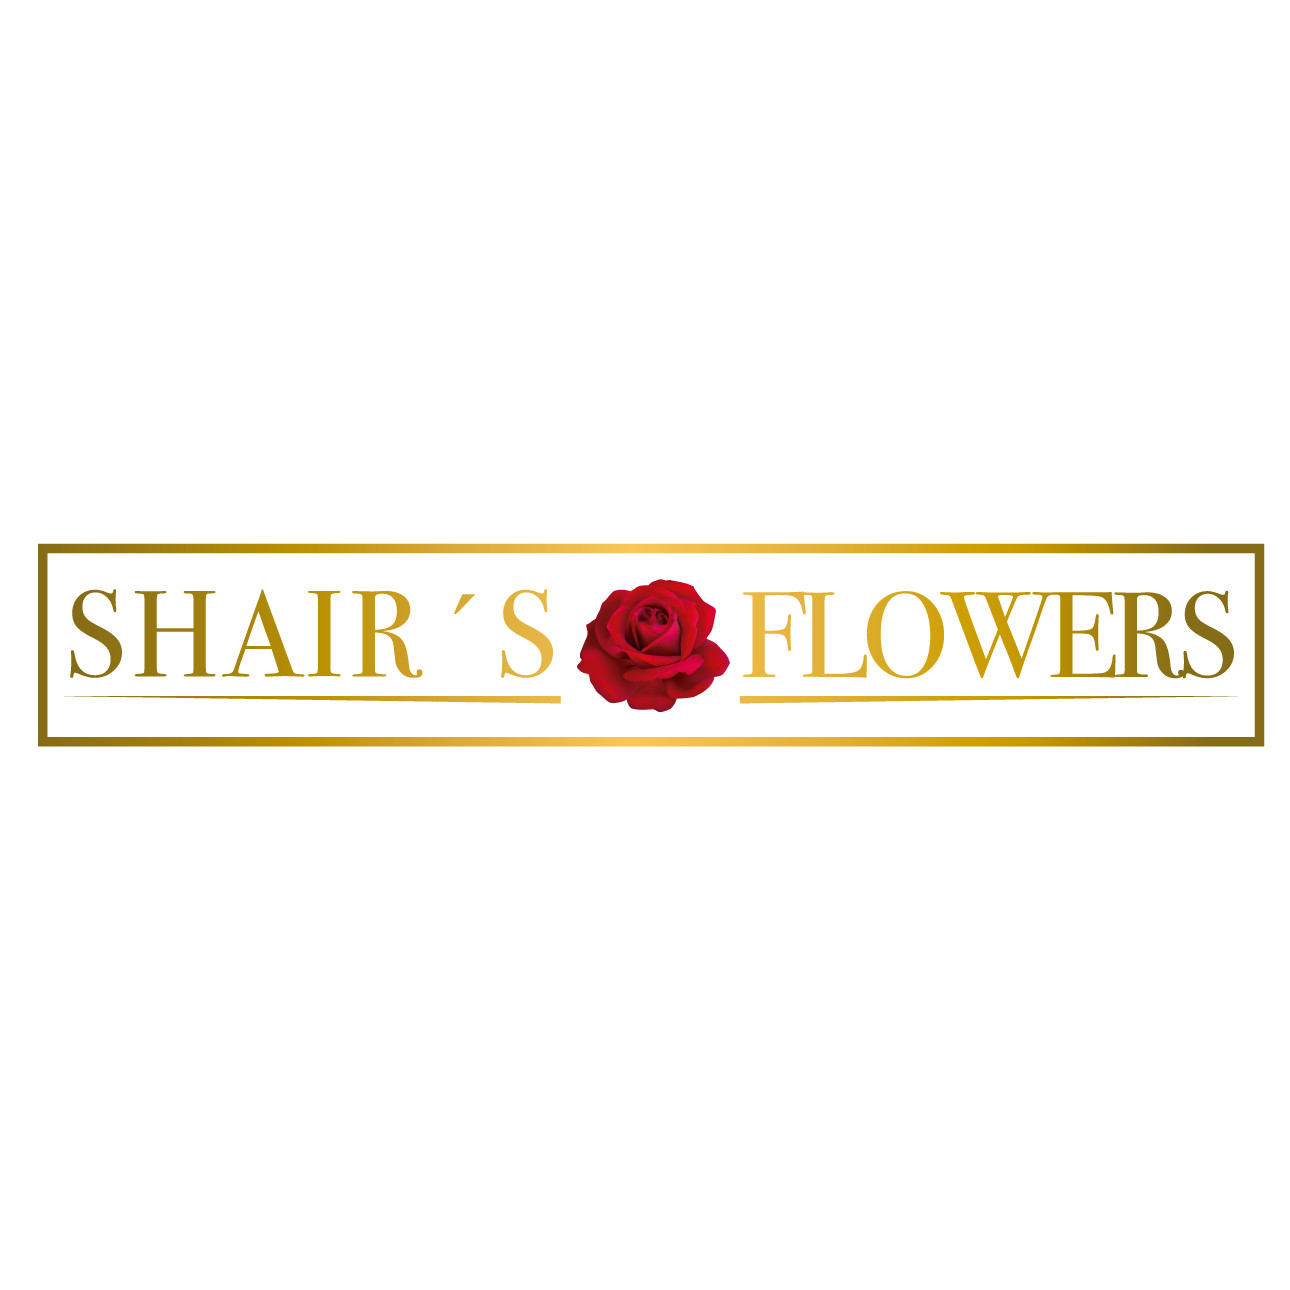 Shair's Flowers